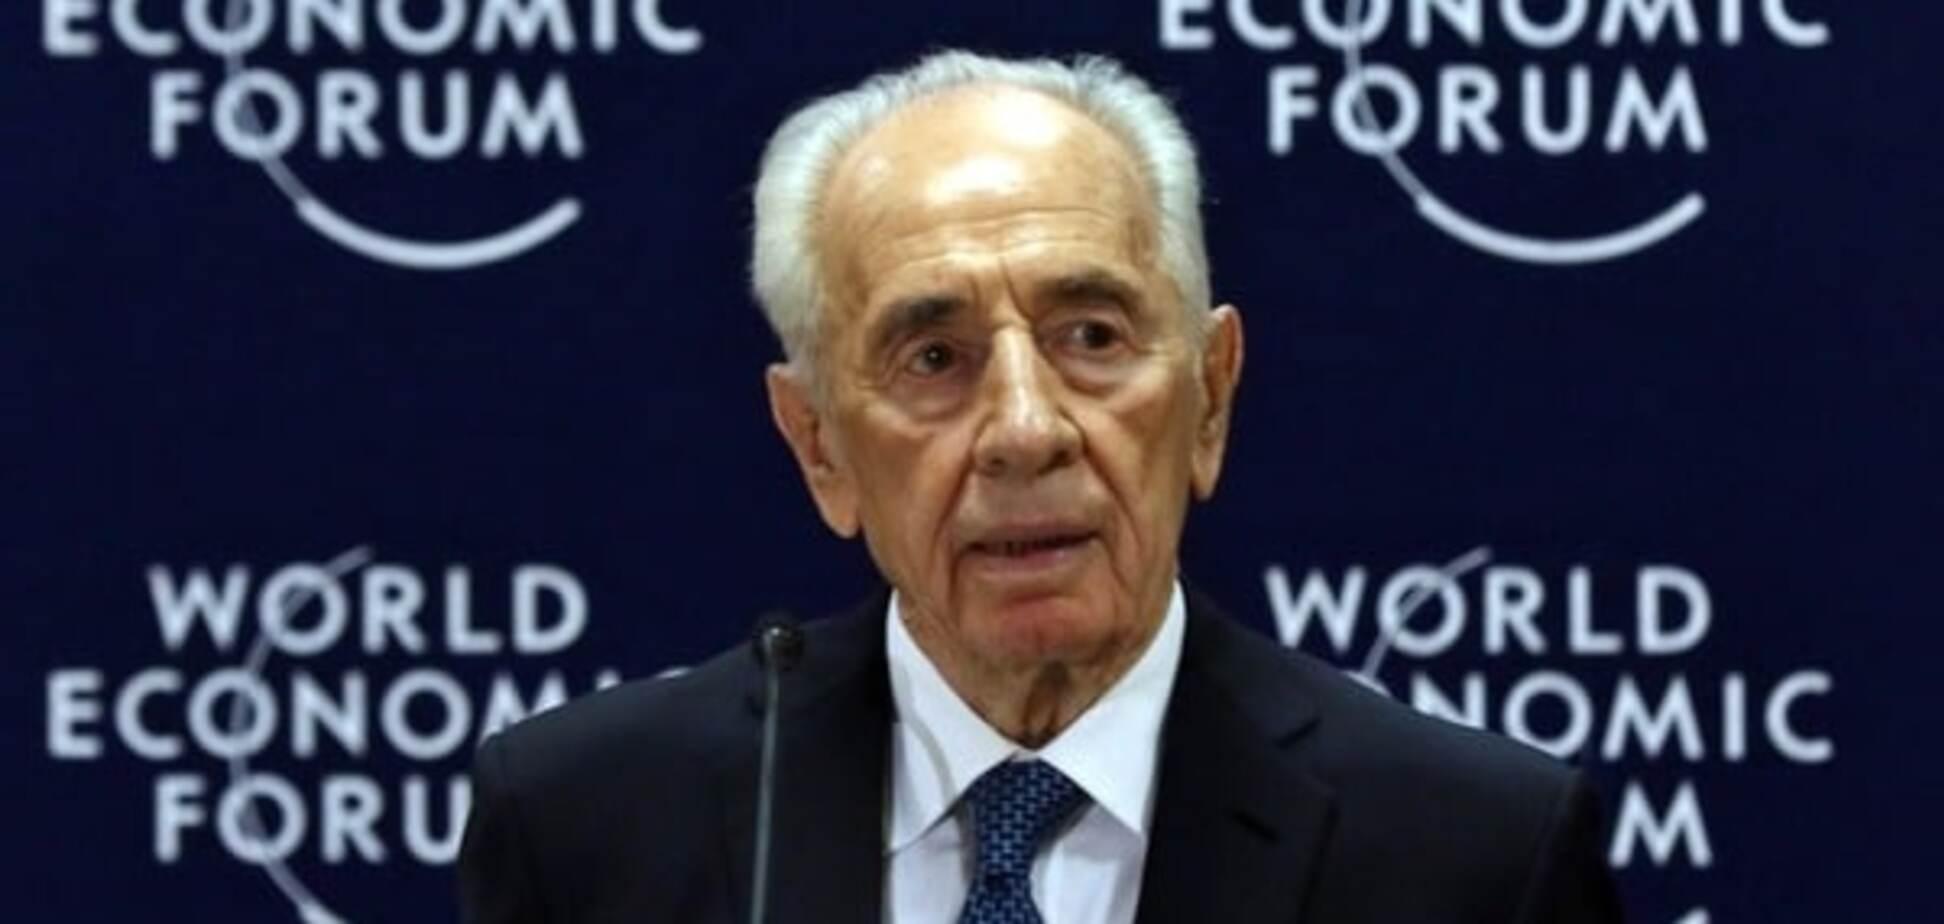 У экс-президента Израиля Шимона Переса случился сердечный приступ